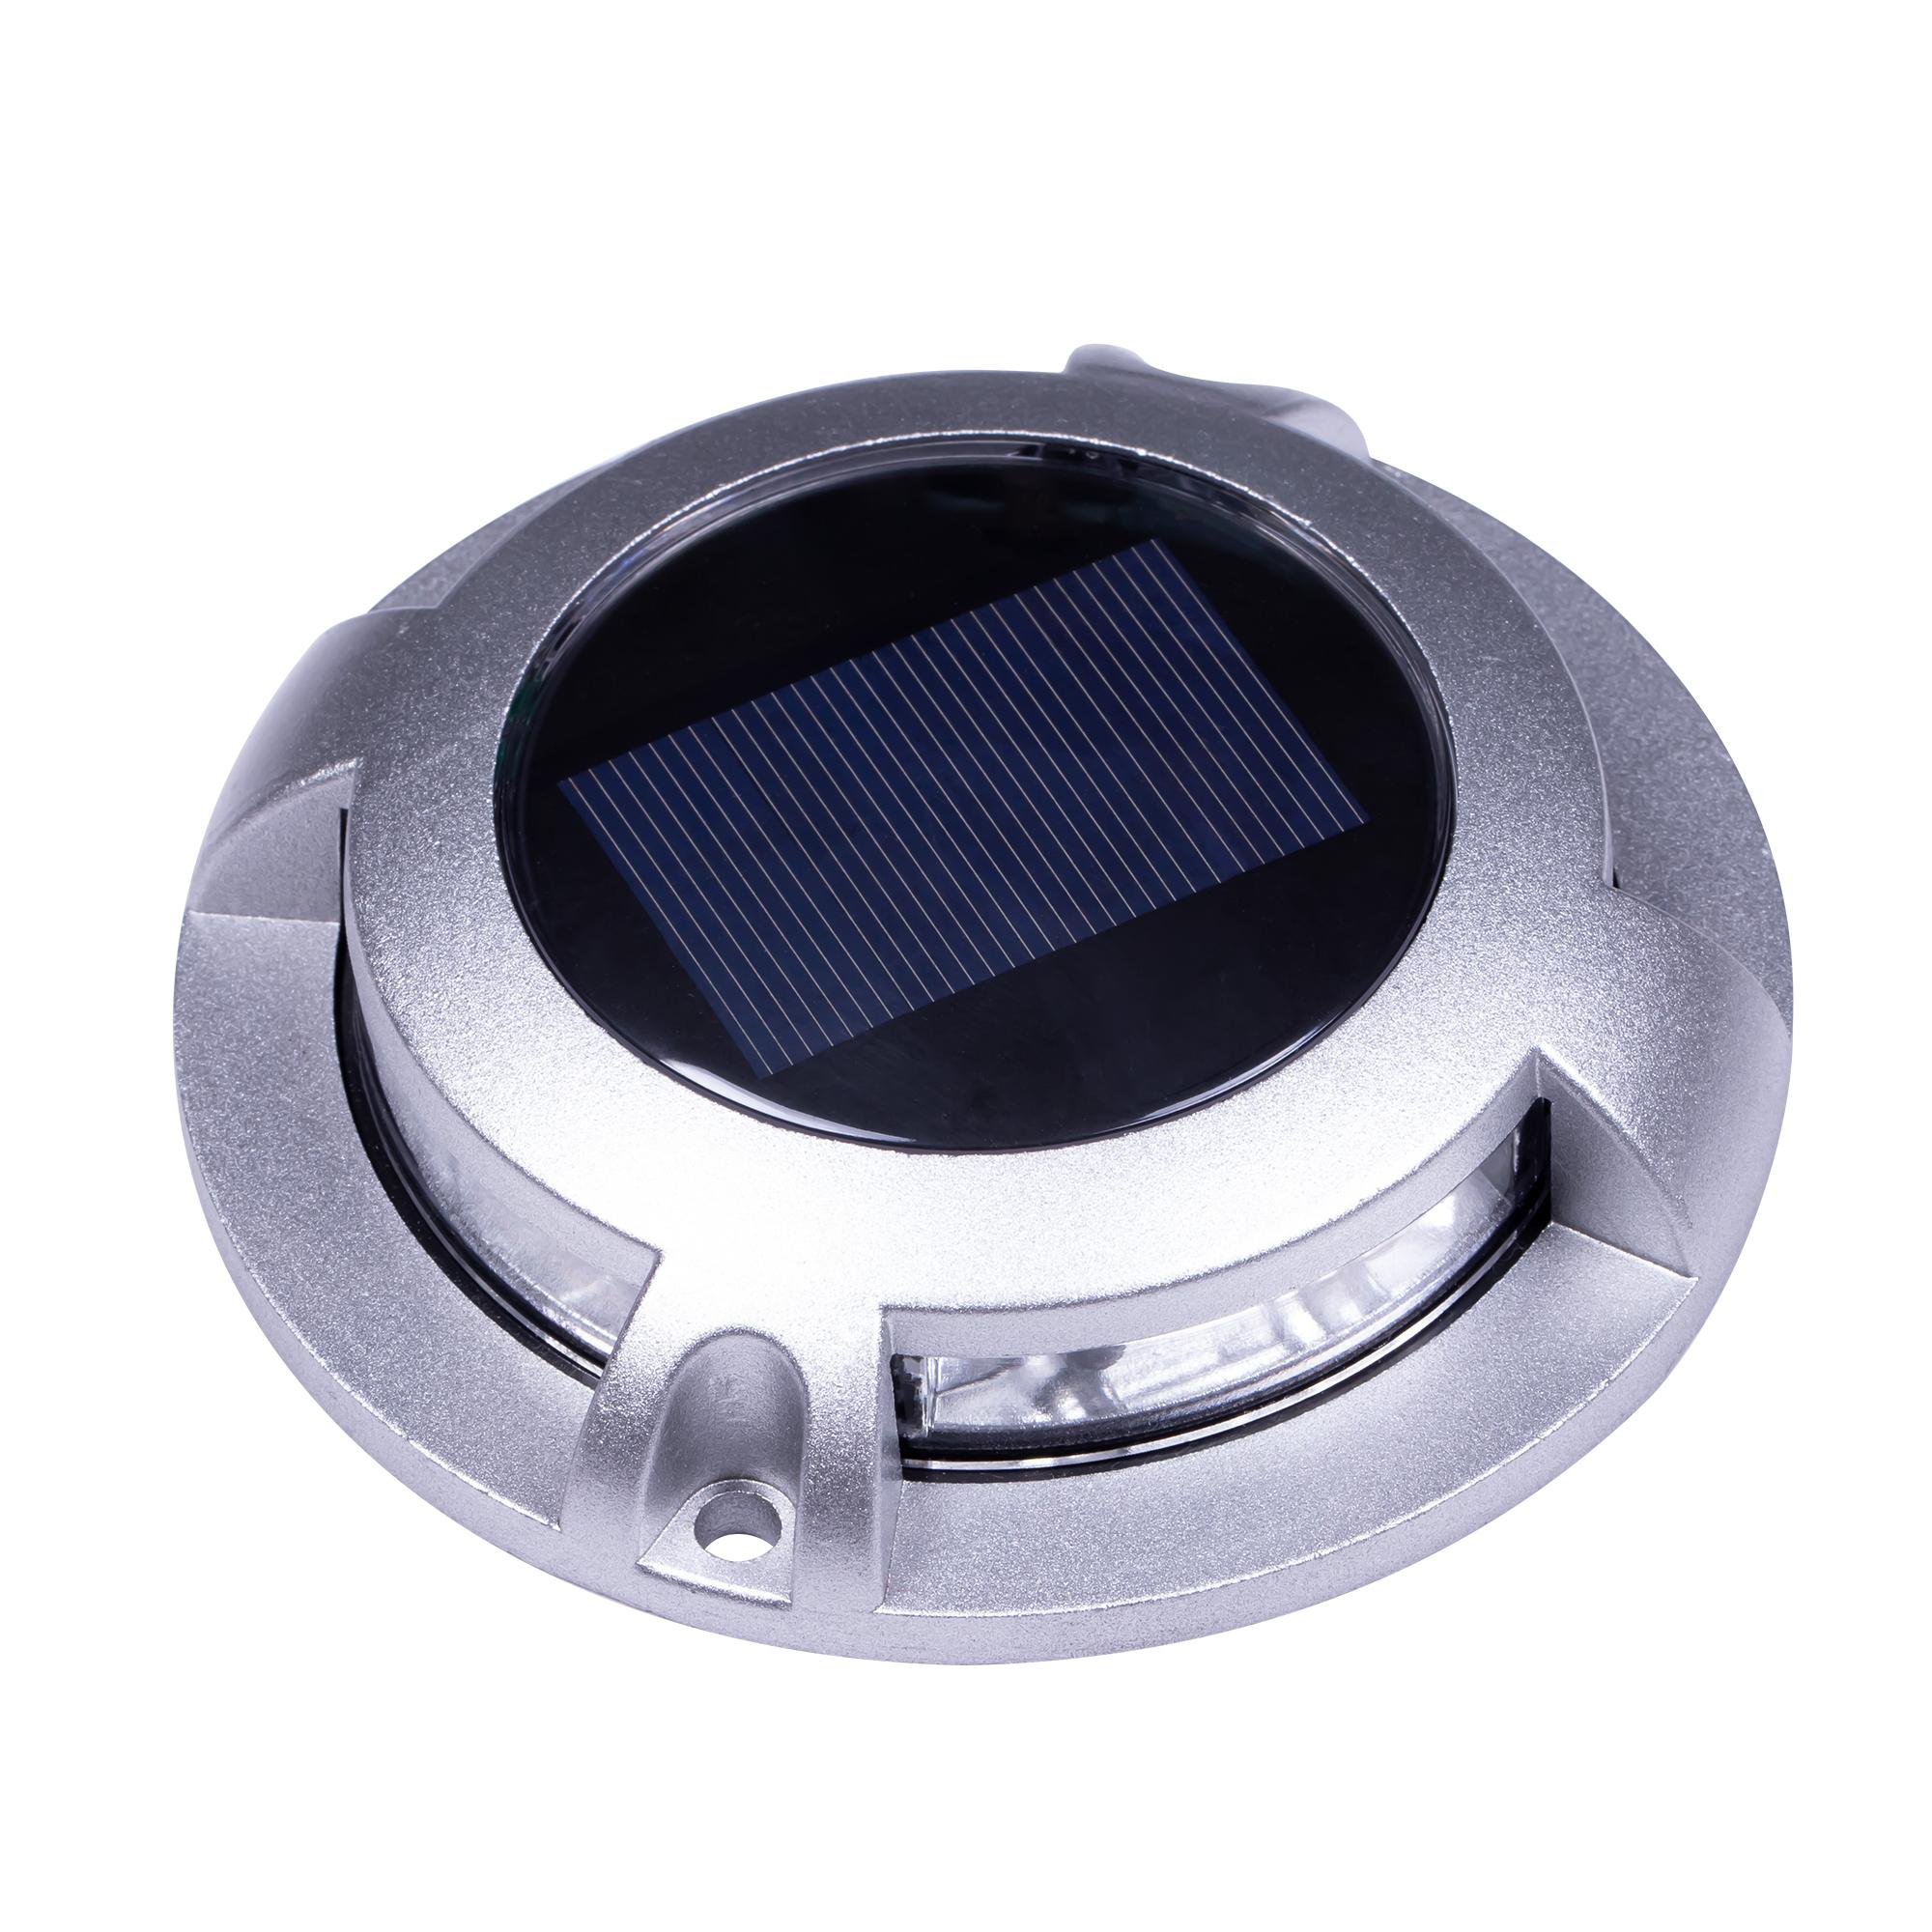 Solar Decklight